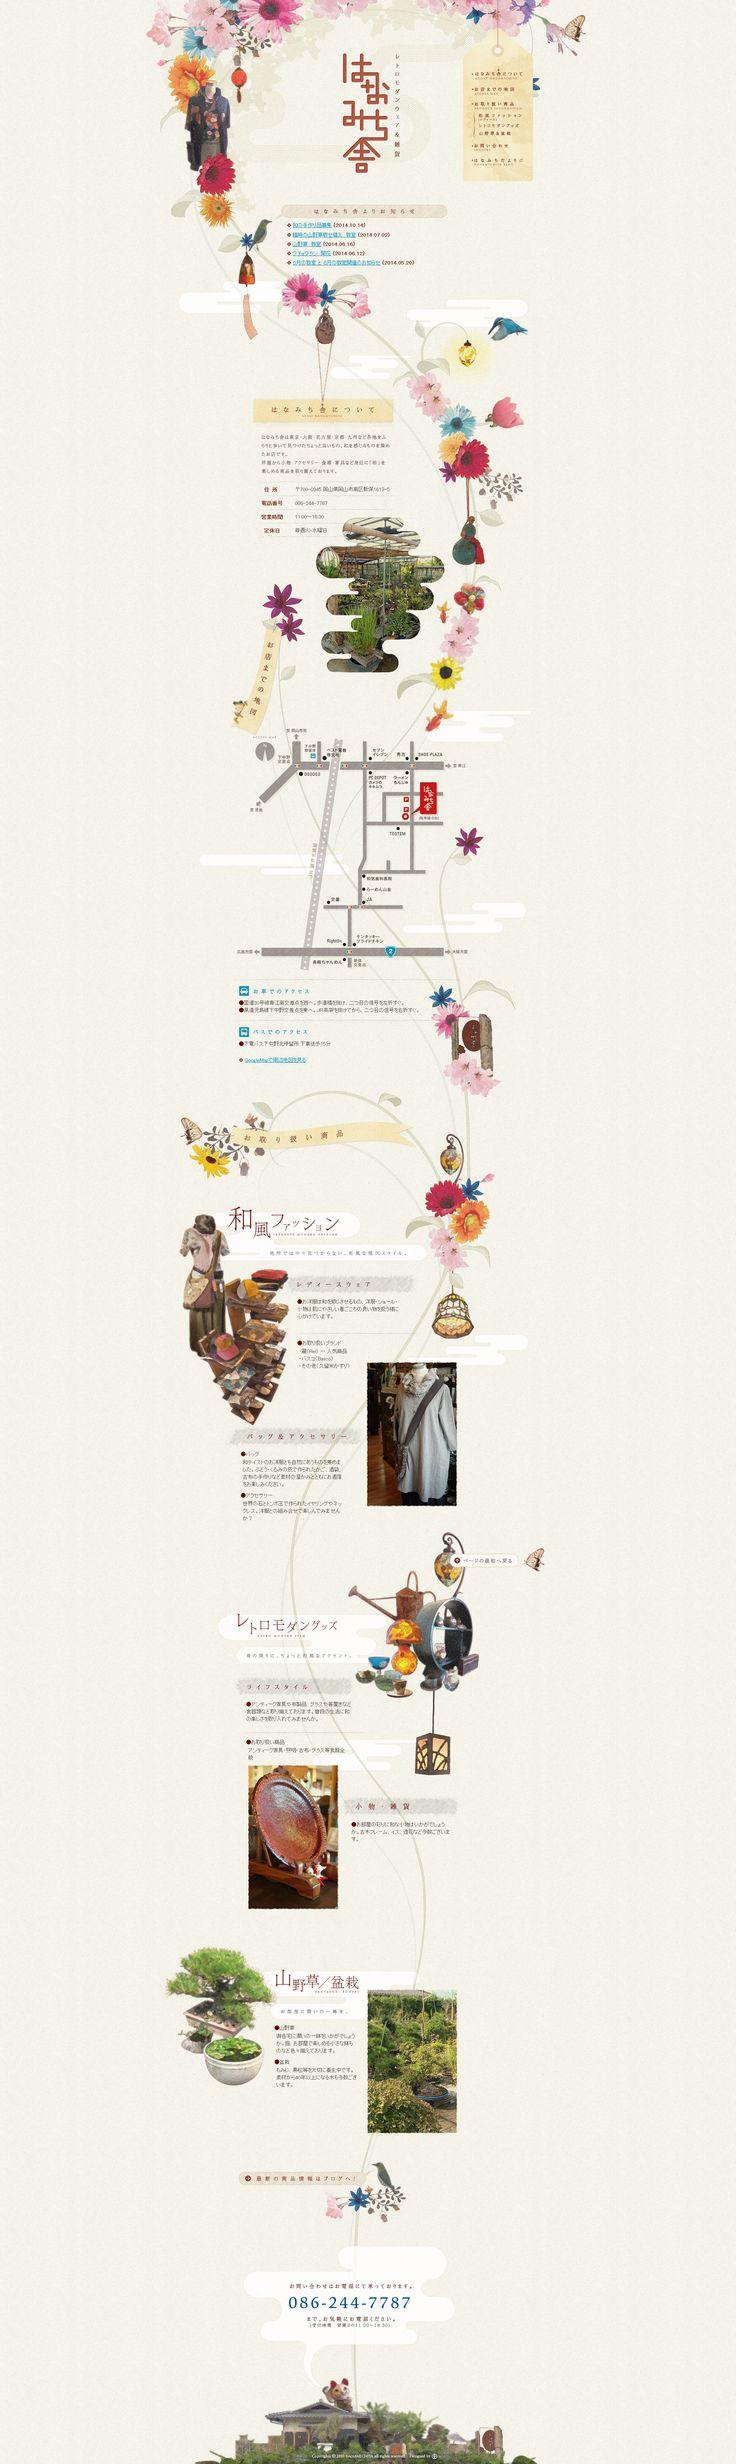 はなみち舎 ― 岡山市のレトロモダンな雑貨・和風ファッションのお店 #Webデザイン #web